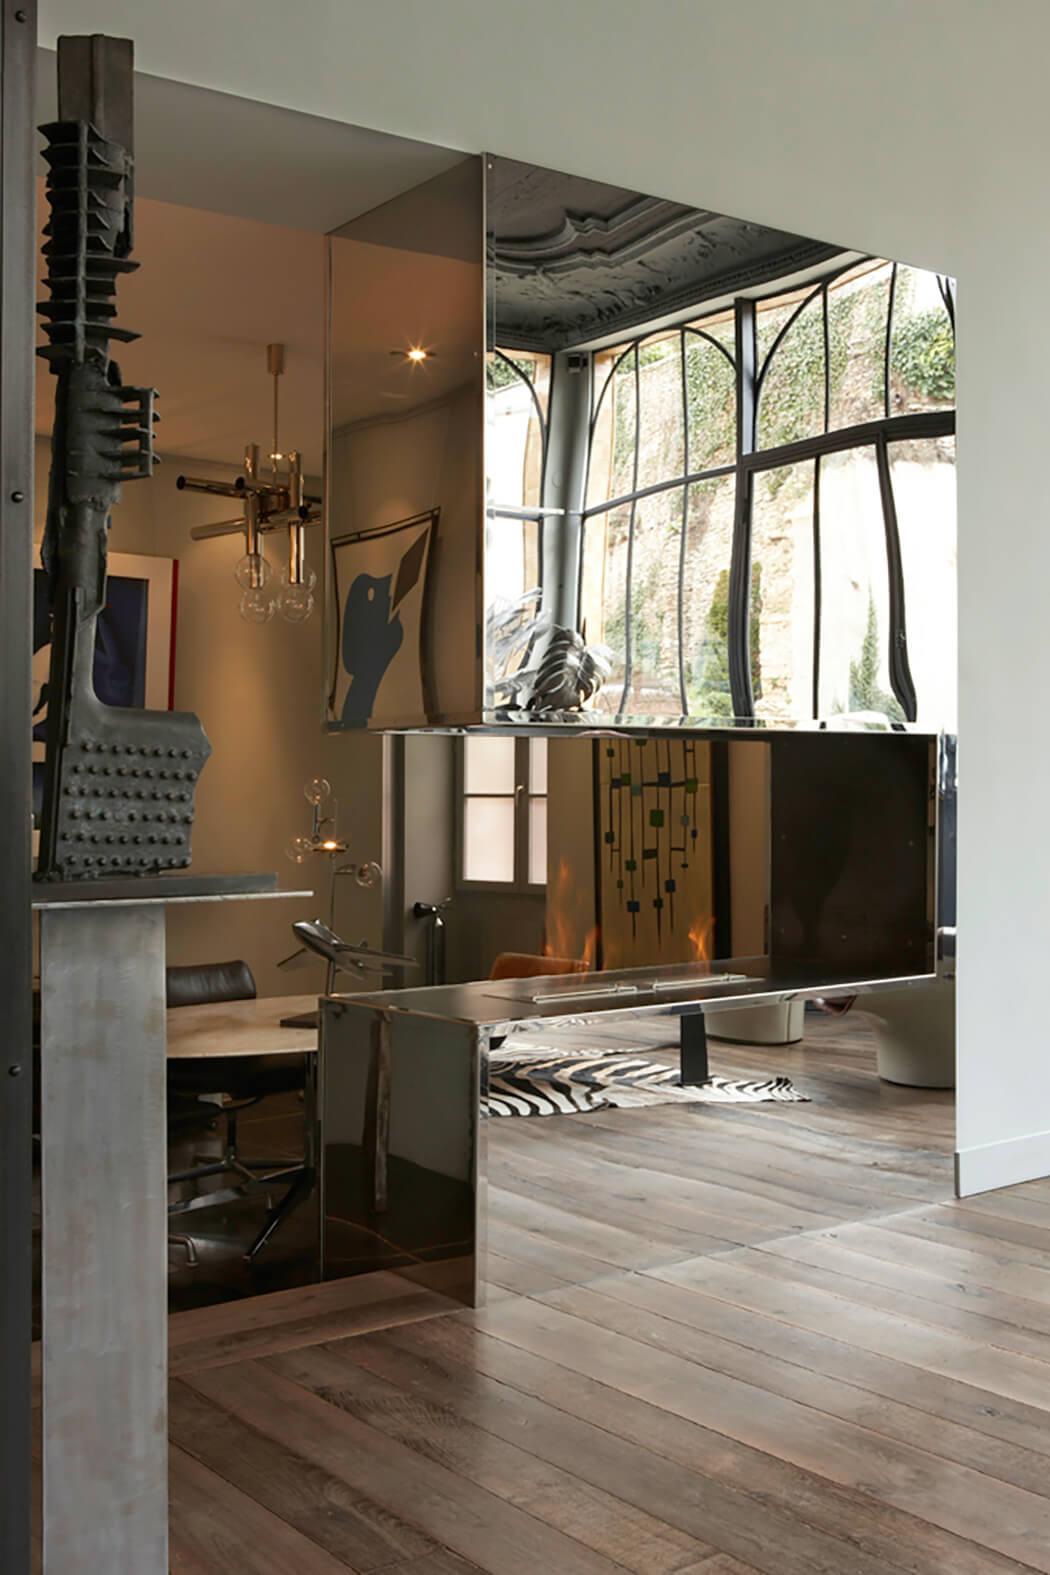 utilisation d'effets miroirs pour agrandir l'espace de ce loft luxueux